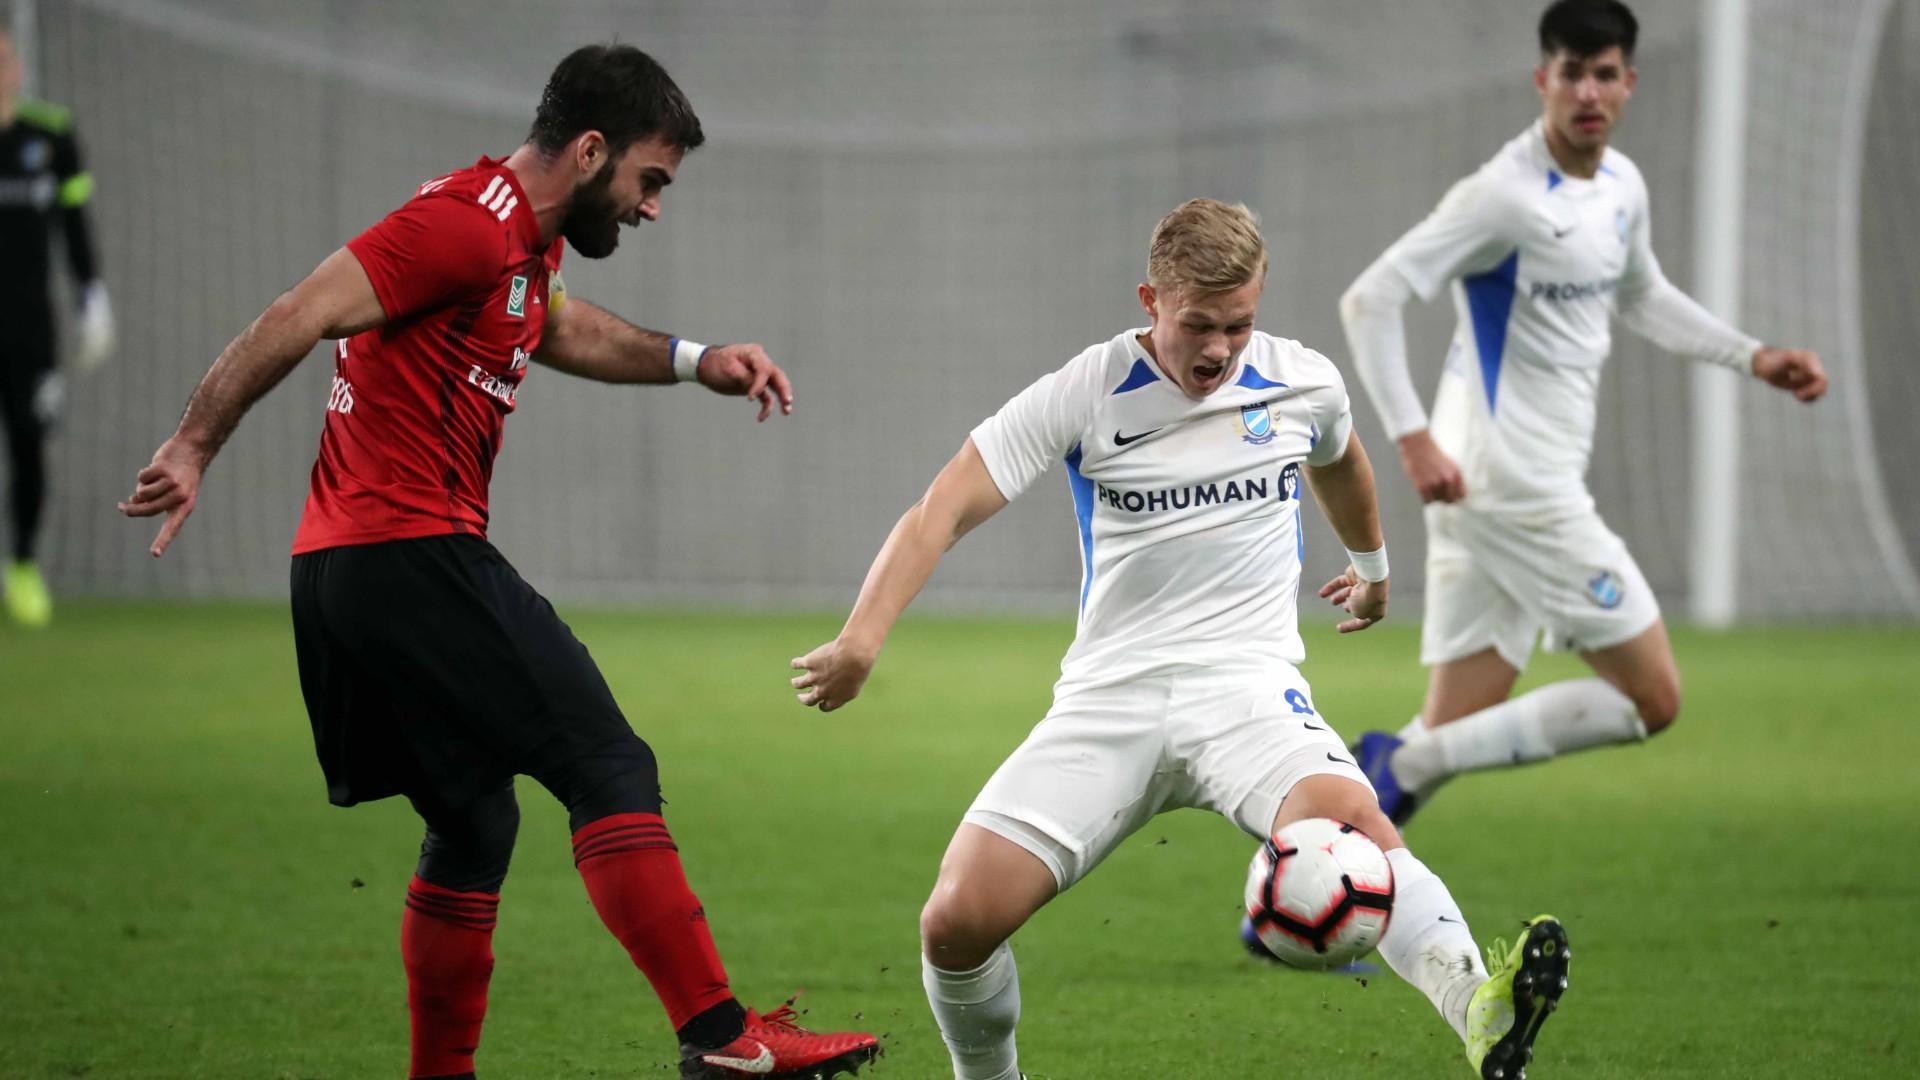 Bemutatjuk szerdai ellenfelünket: Amit a Dorogi FC-ről tudni kell